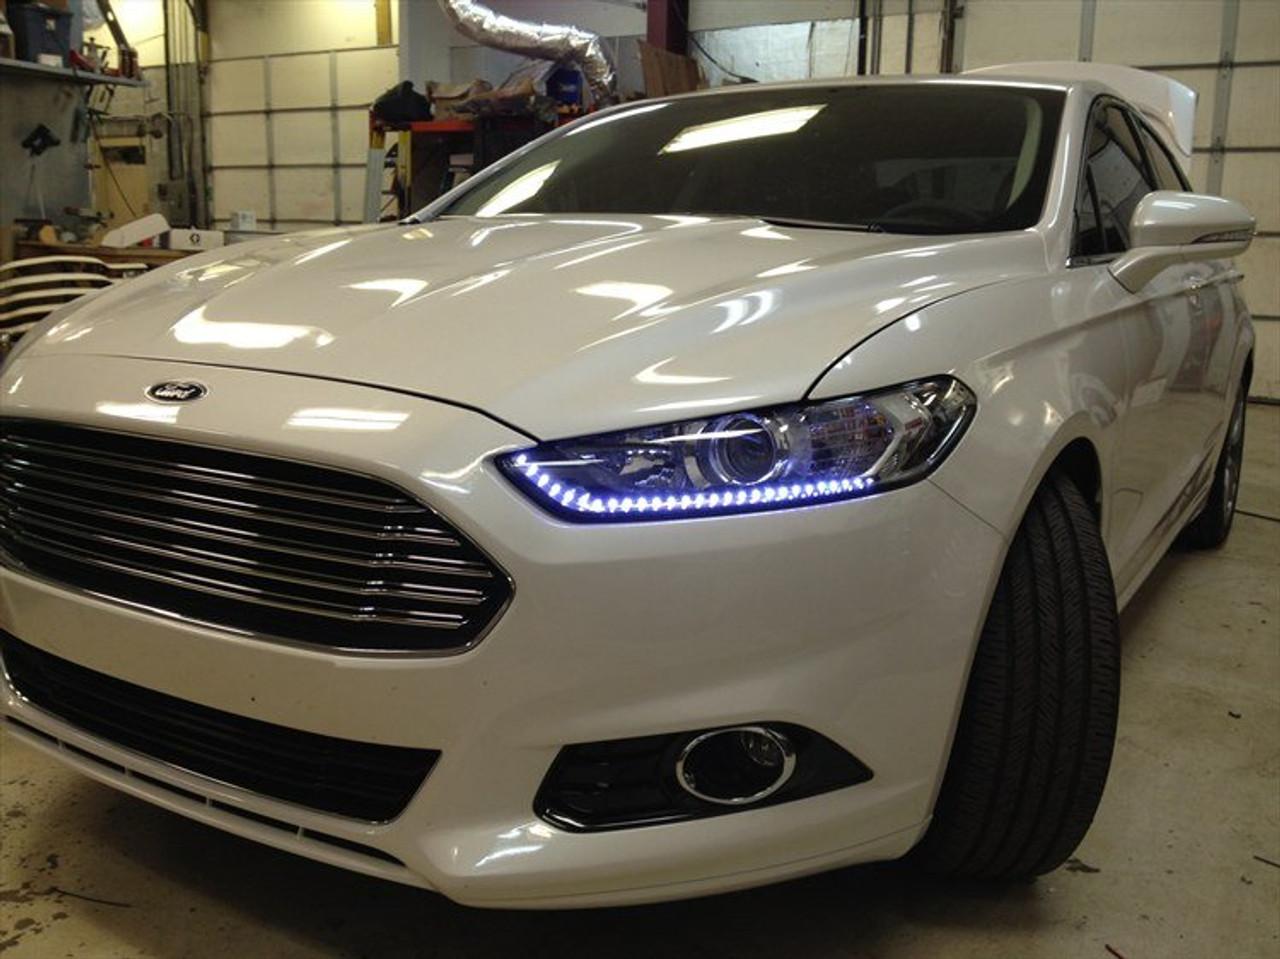 Chevrolet Aveo LED DRL Head Lamp Daytime Running Light Strips